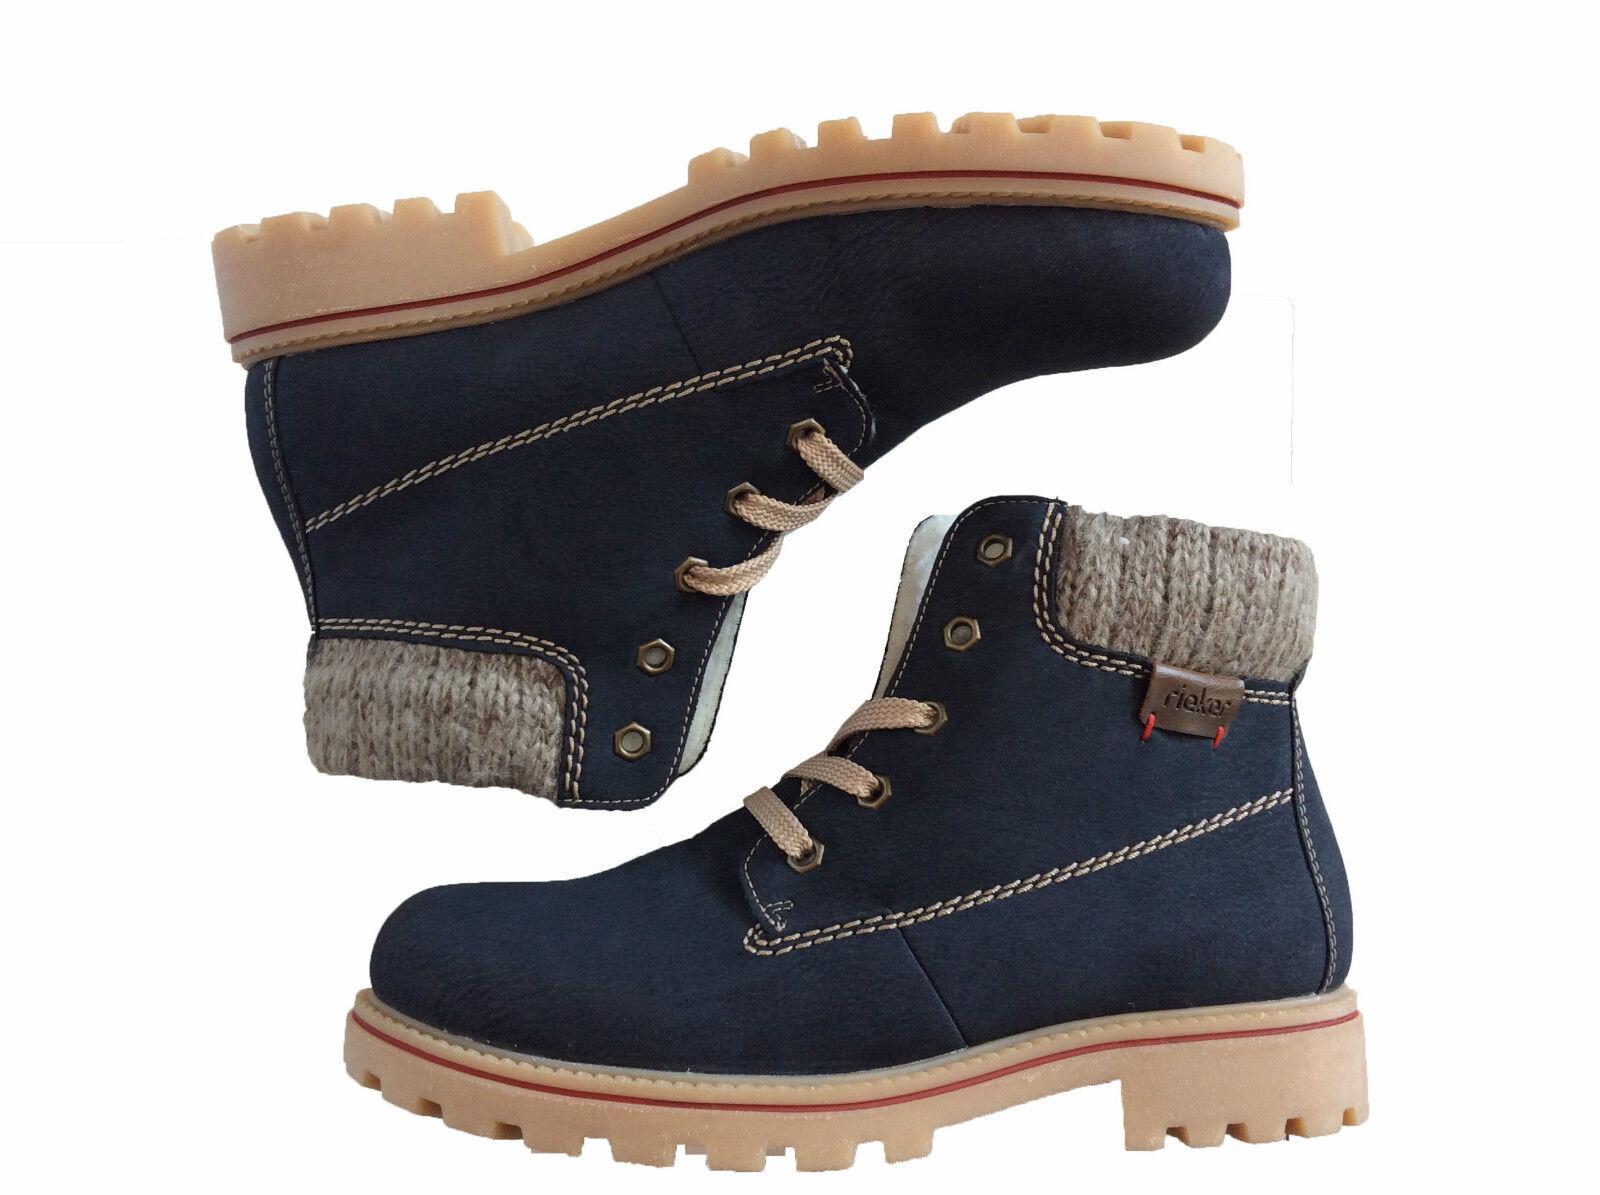 Rieker Stiefeletten Stiefel Stiefel Blau Schnürstiefel Winter Damen Schuhe 171272